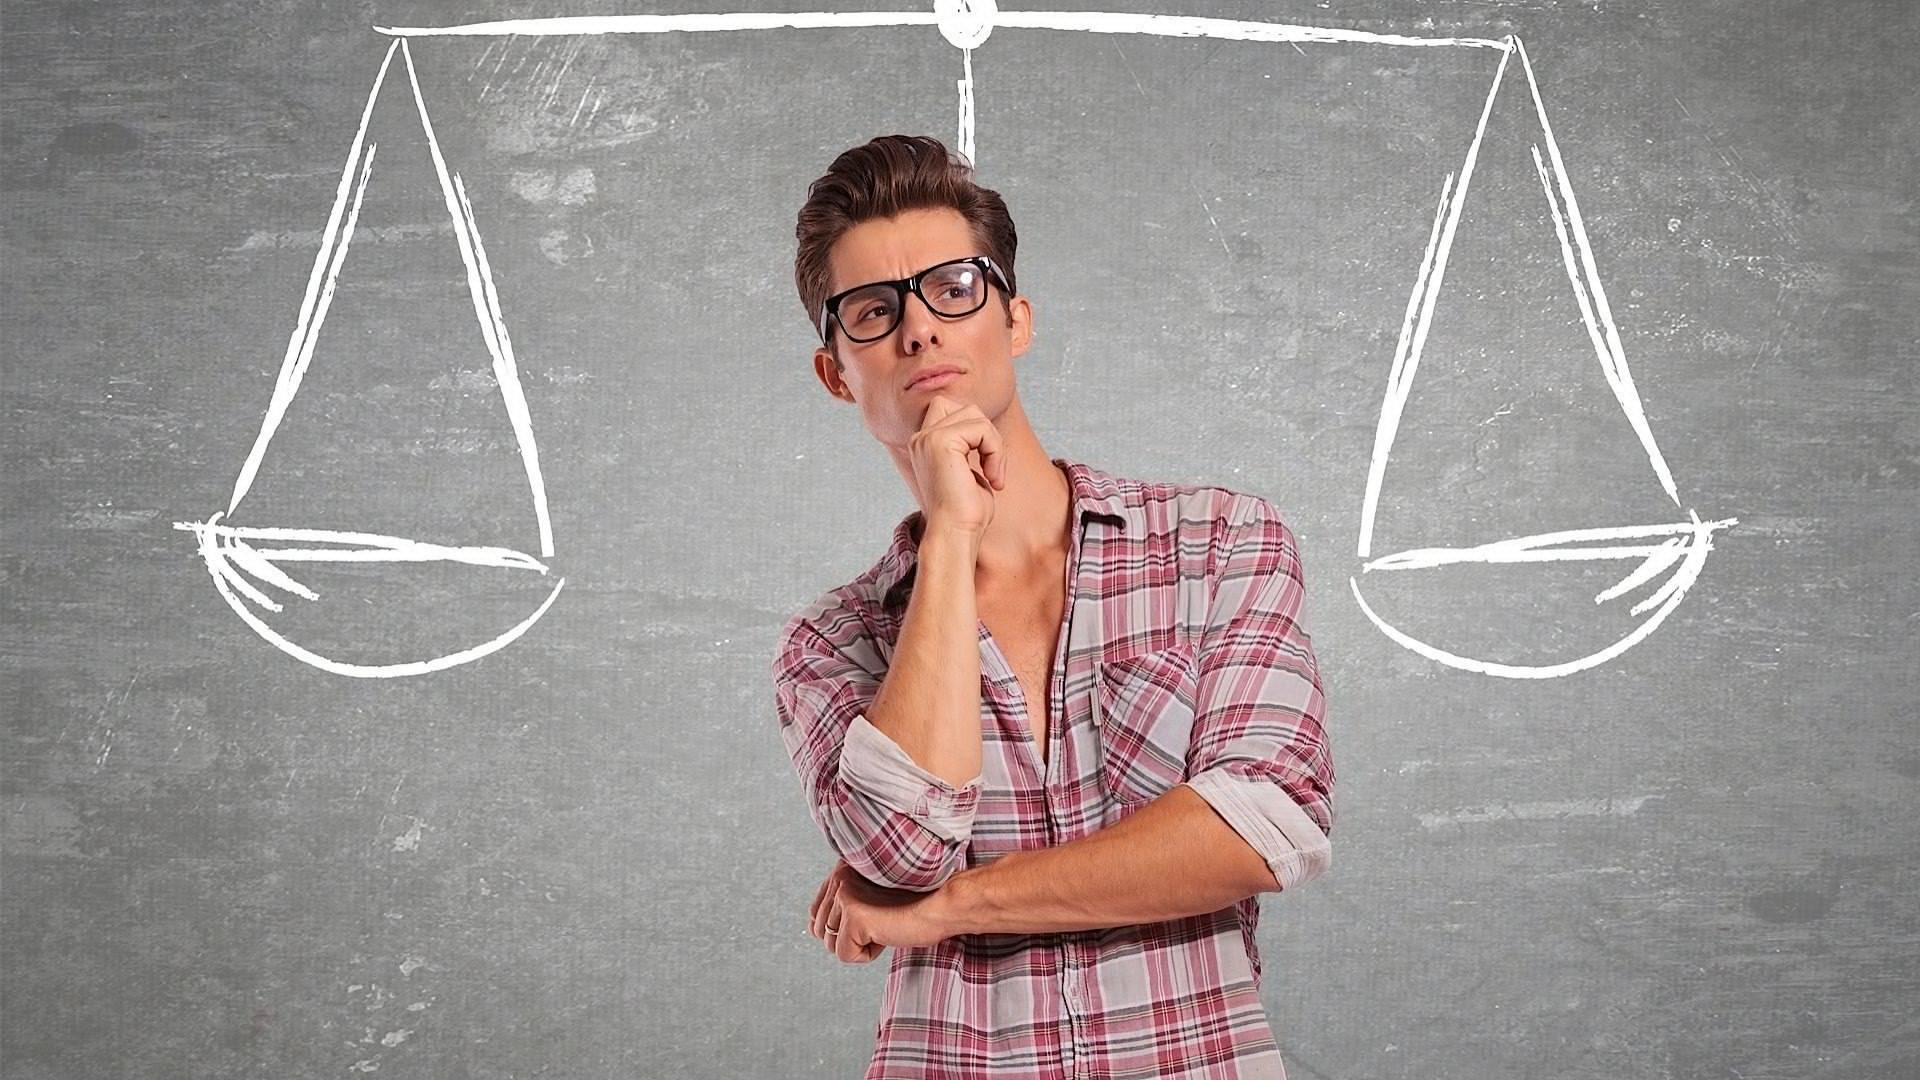 Человек проговаривает свои мысли вслух при решении какой-либо задачи